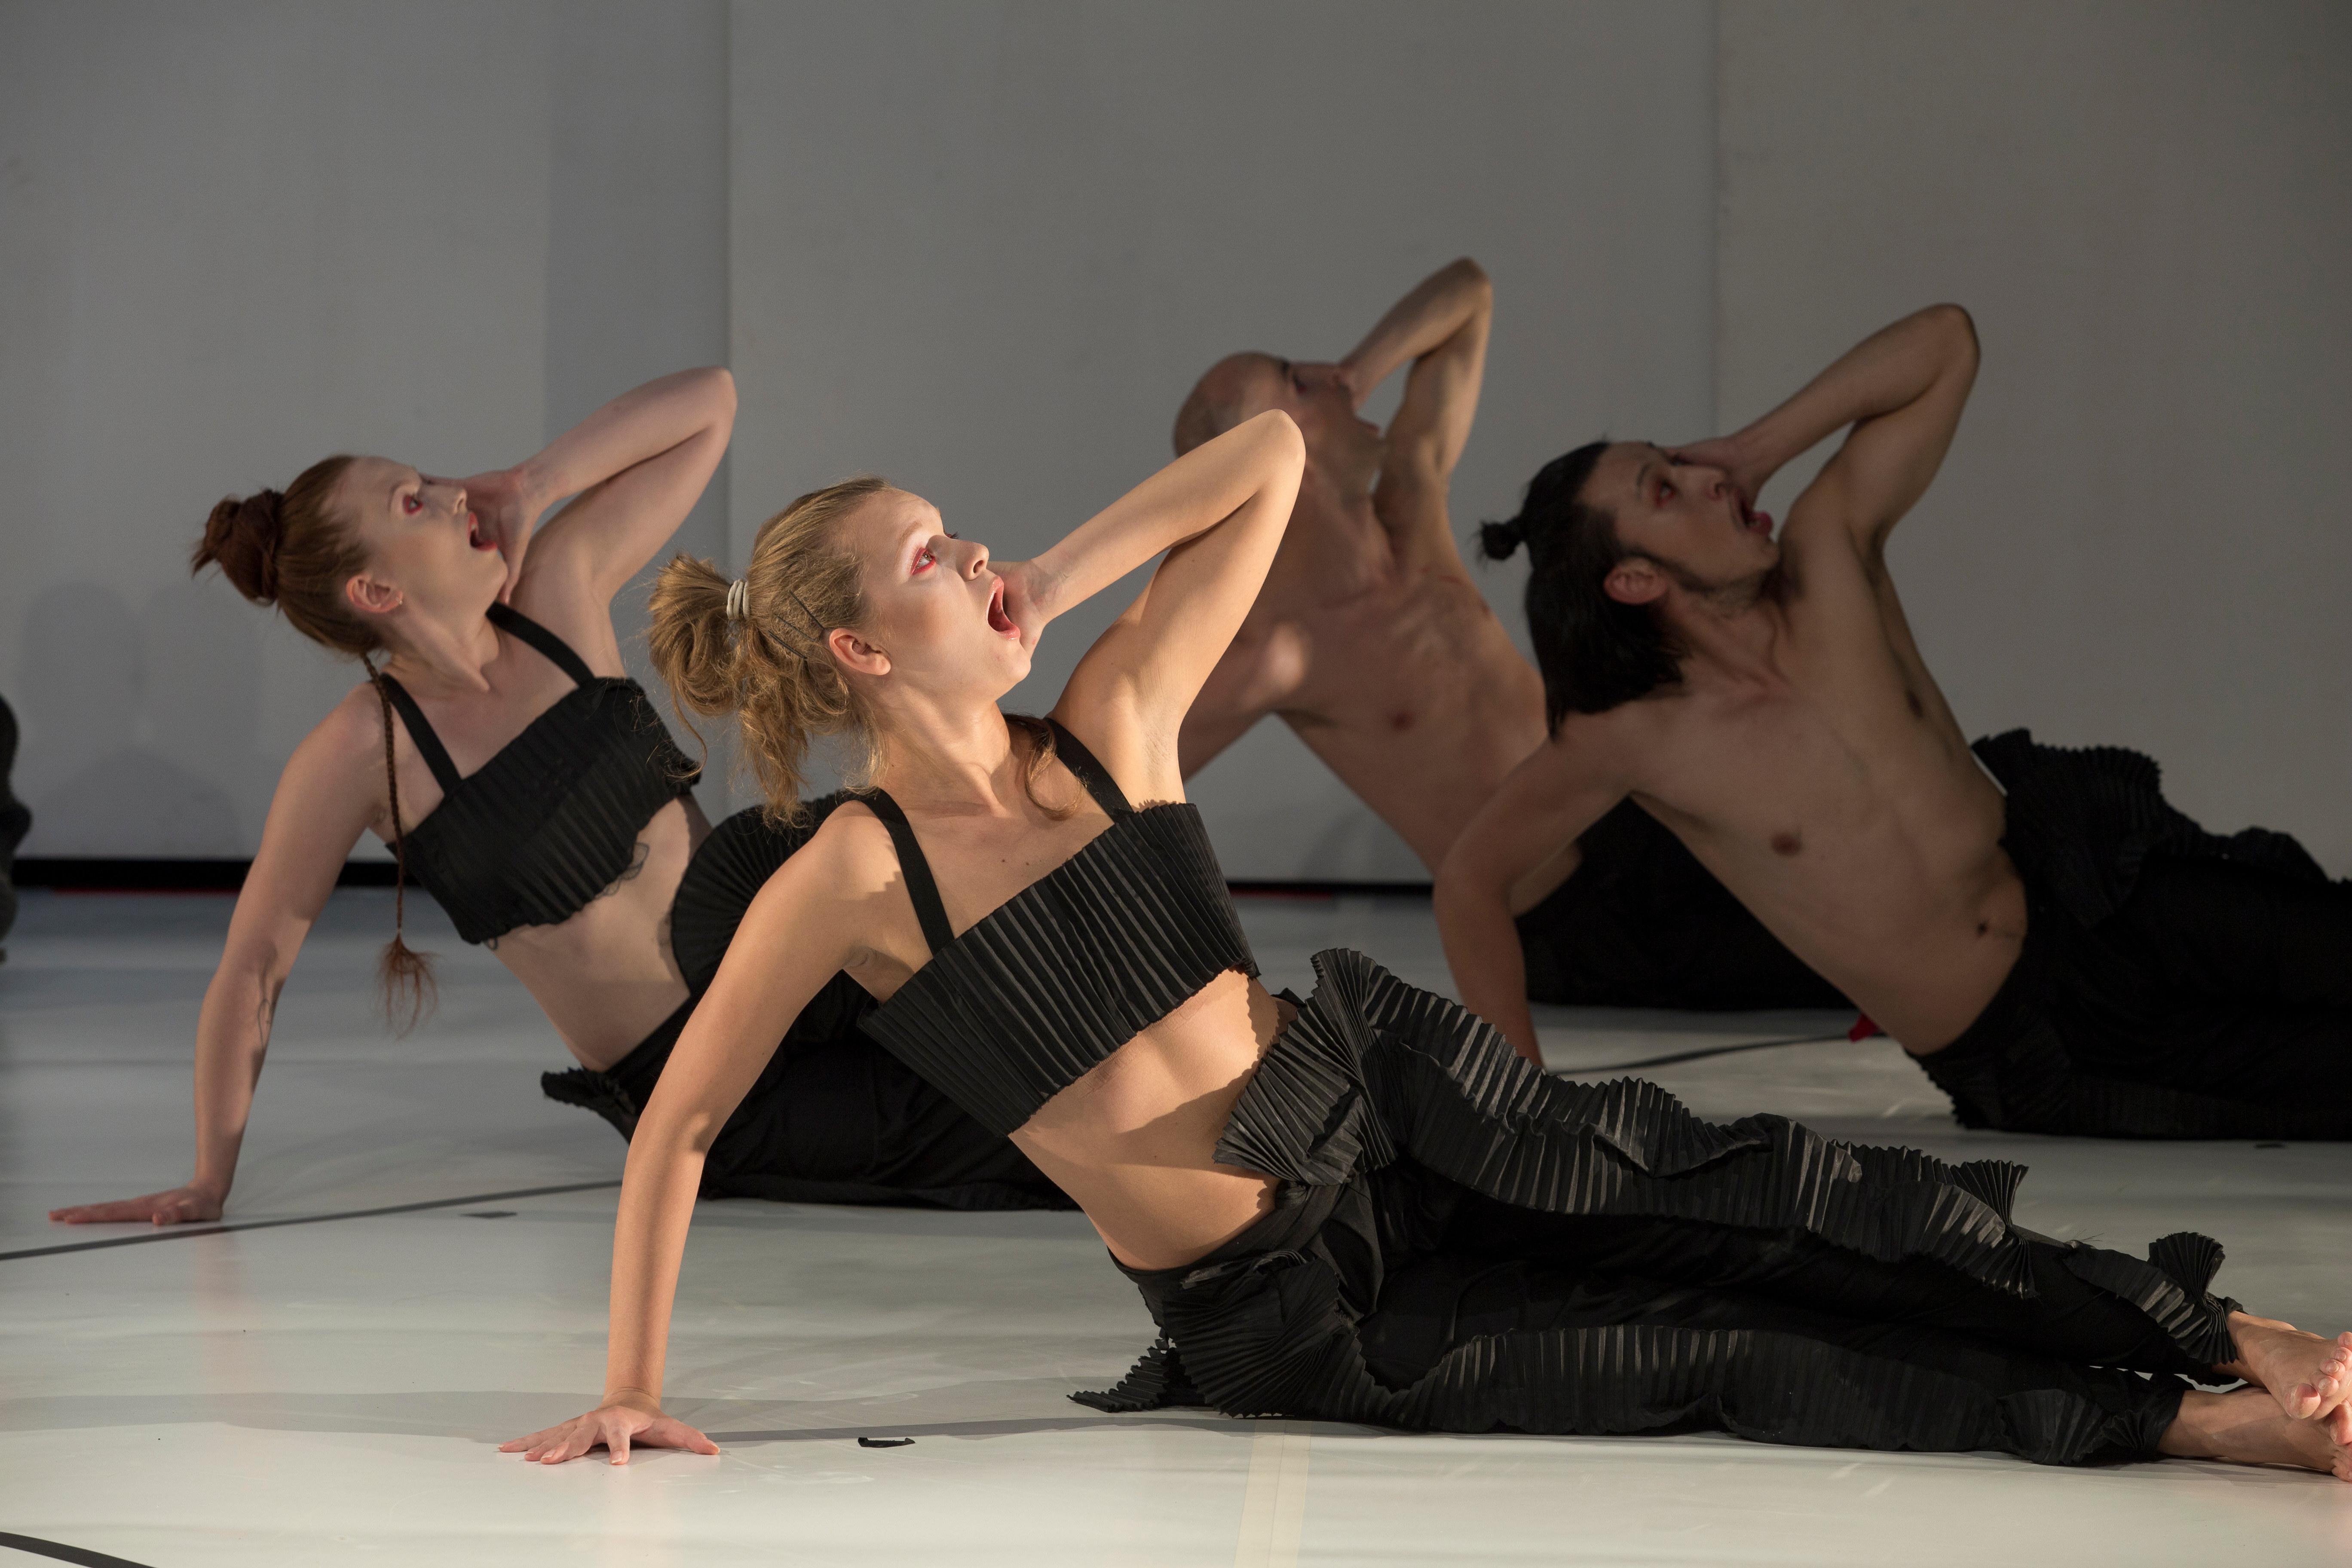 Театр с голыми актрисами, полная версия спектакля с голыми артистами на сцене 4 фотография